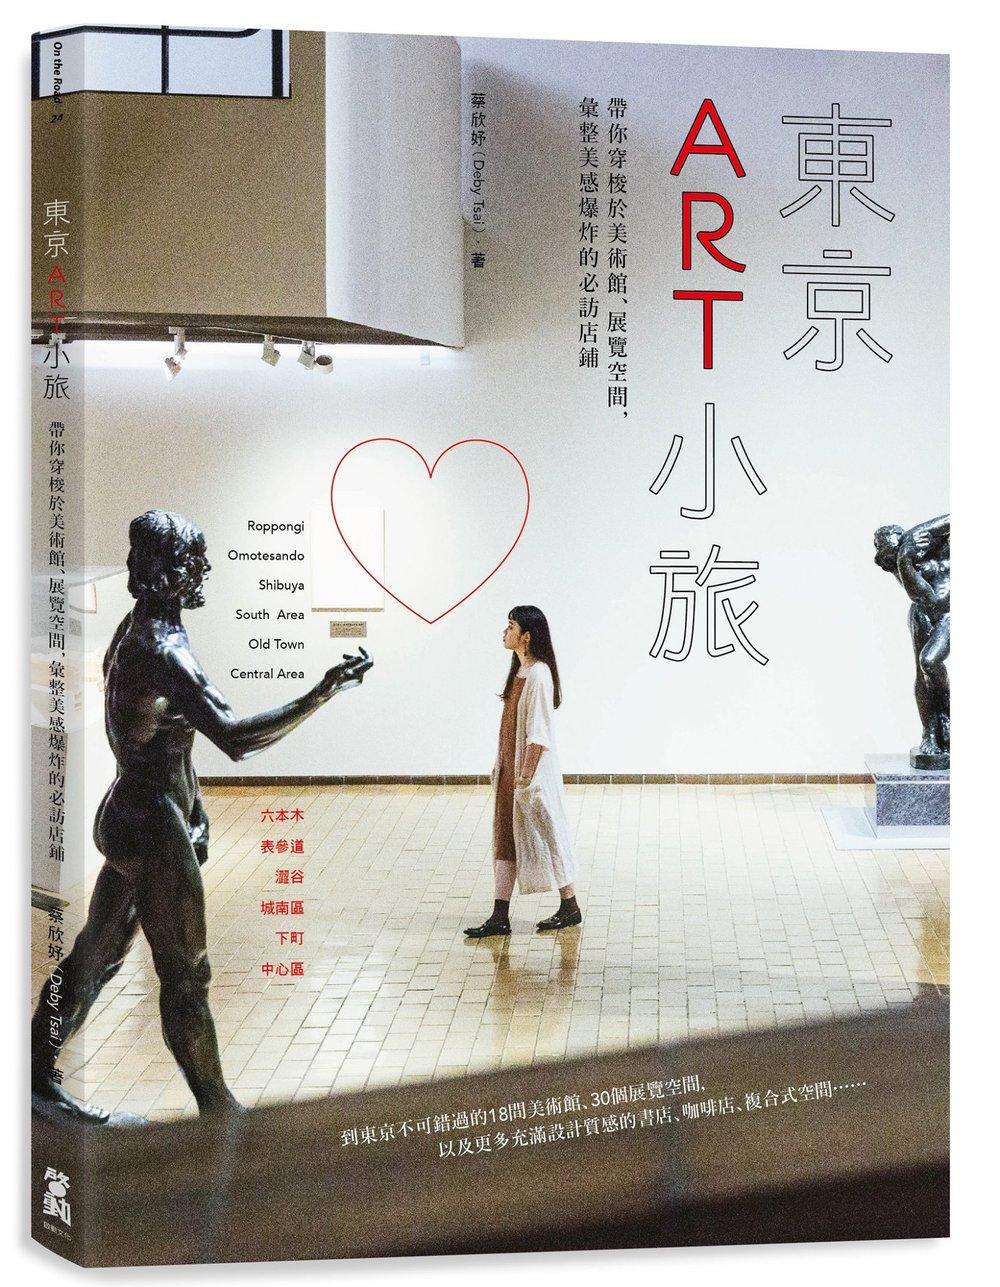 東京ART小旅2.jpg